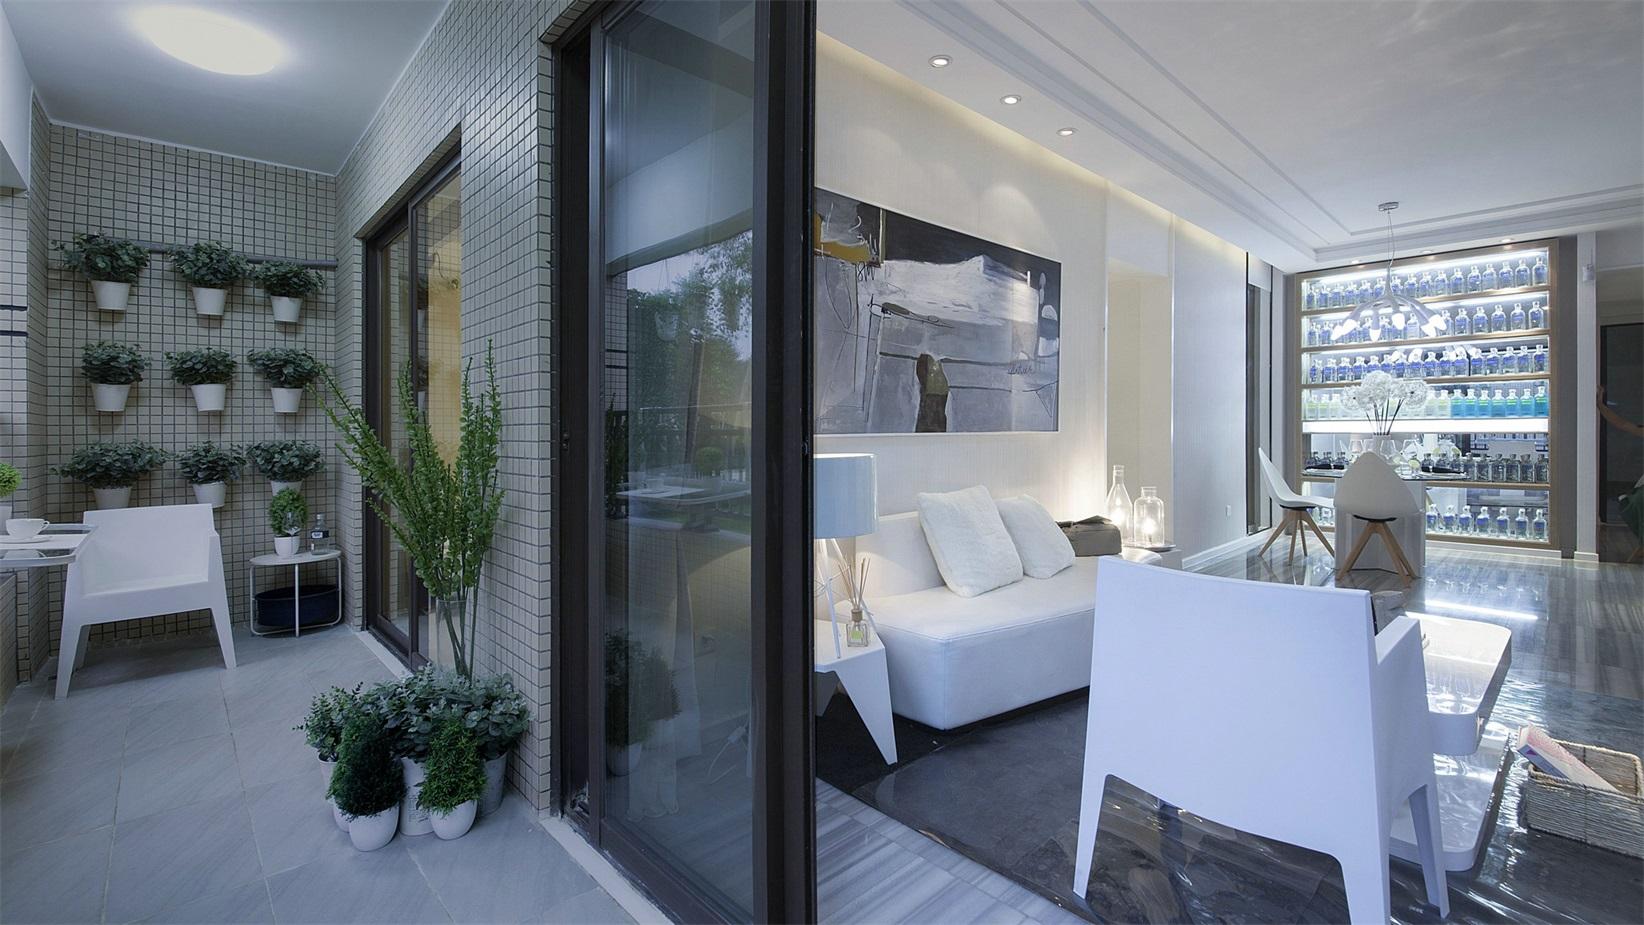 阳台面積宽敞,設計師将其设计为小型花园,放置上休闲椅凳,打造出休闲区。